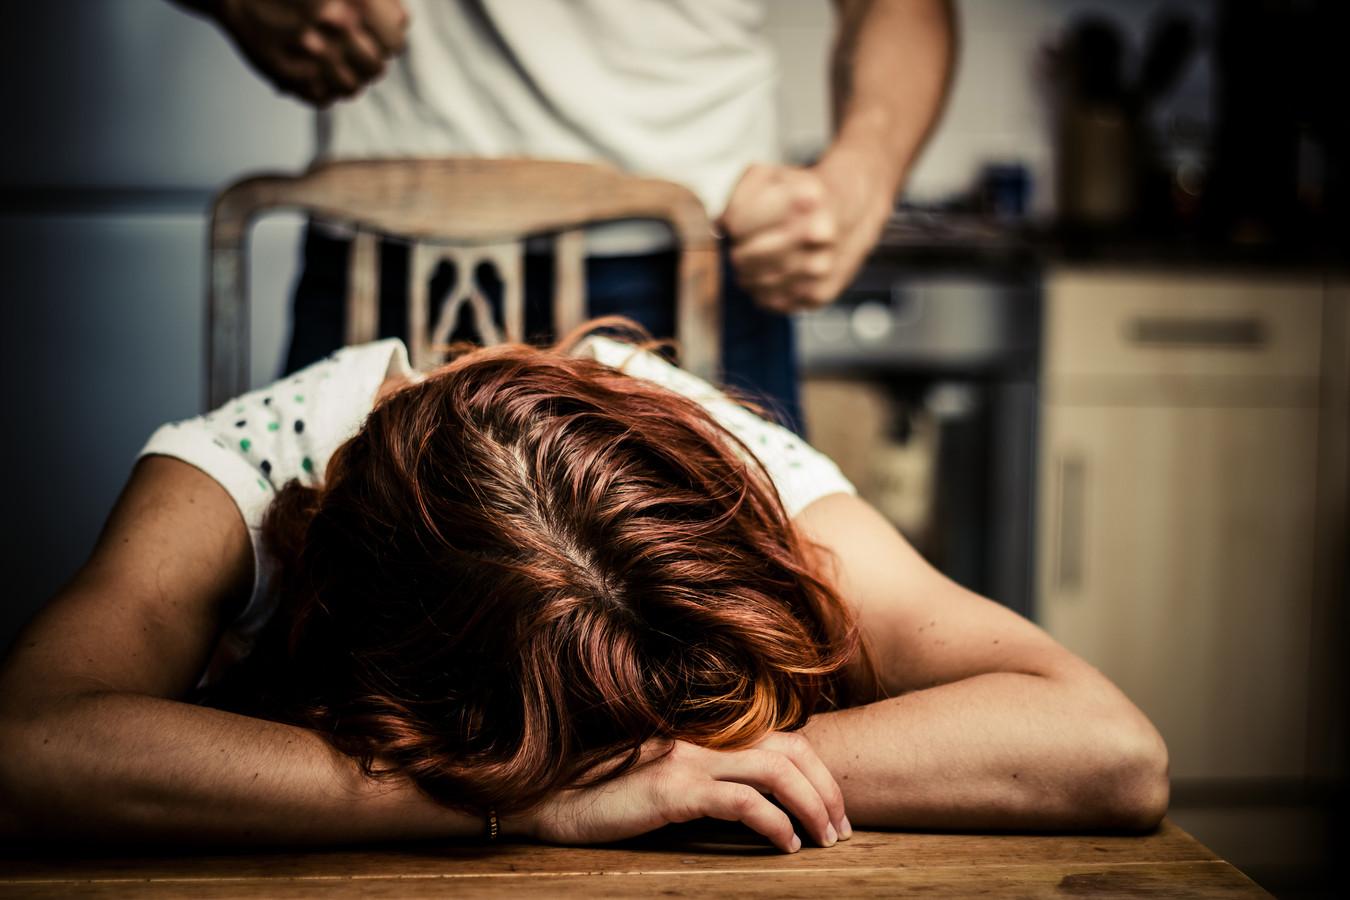 Omdat de kans op herhaling van huiselijk geweld van een Helmonder jegens zijn  ex groot is, laat de rechtbank hem een enkelband aanmeten zodat een contactverbod kan worden gecontroleerd.